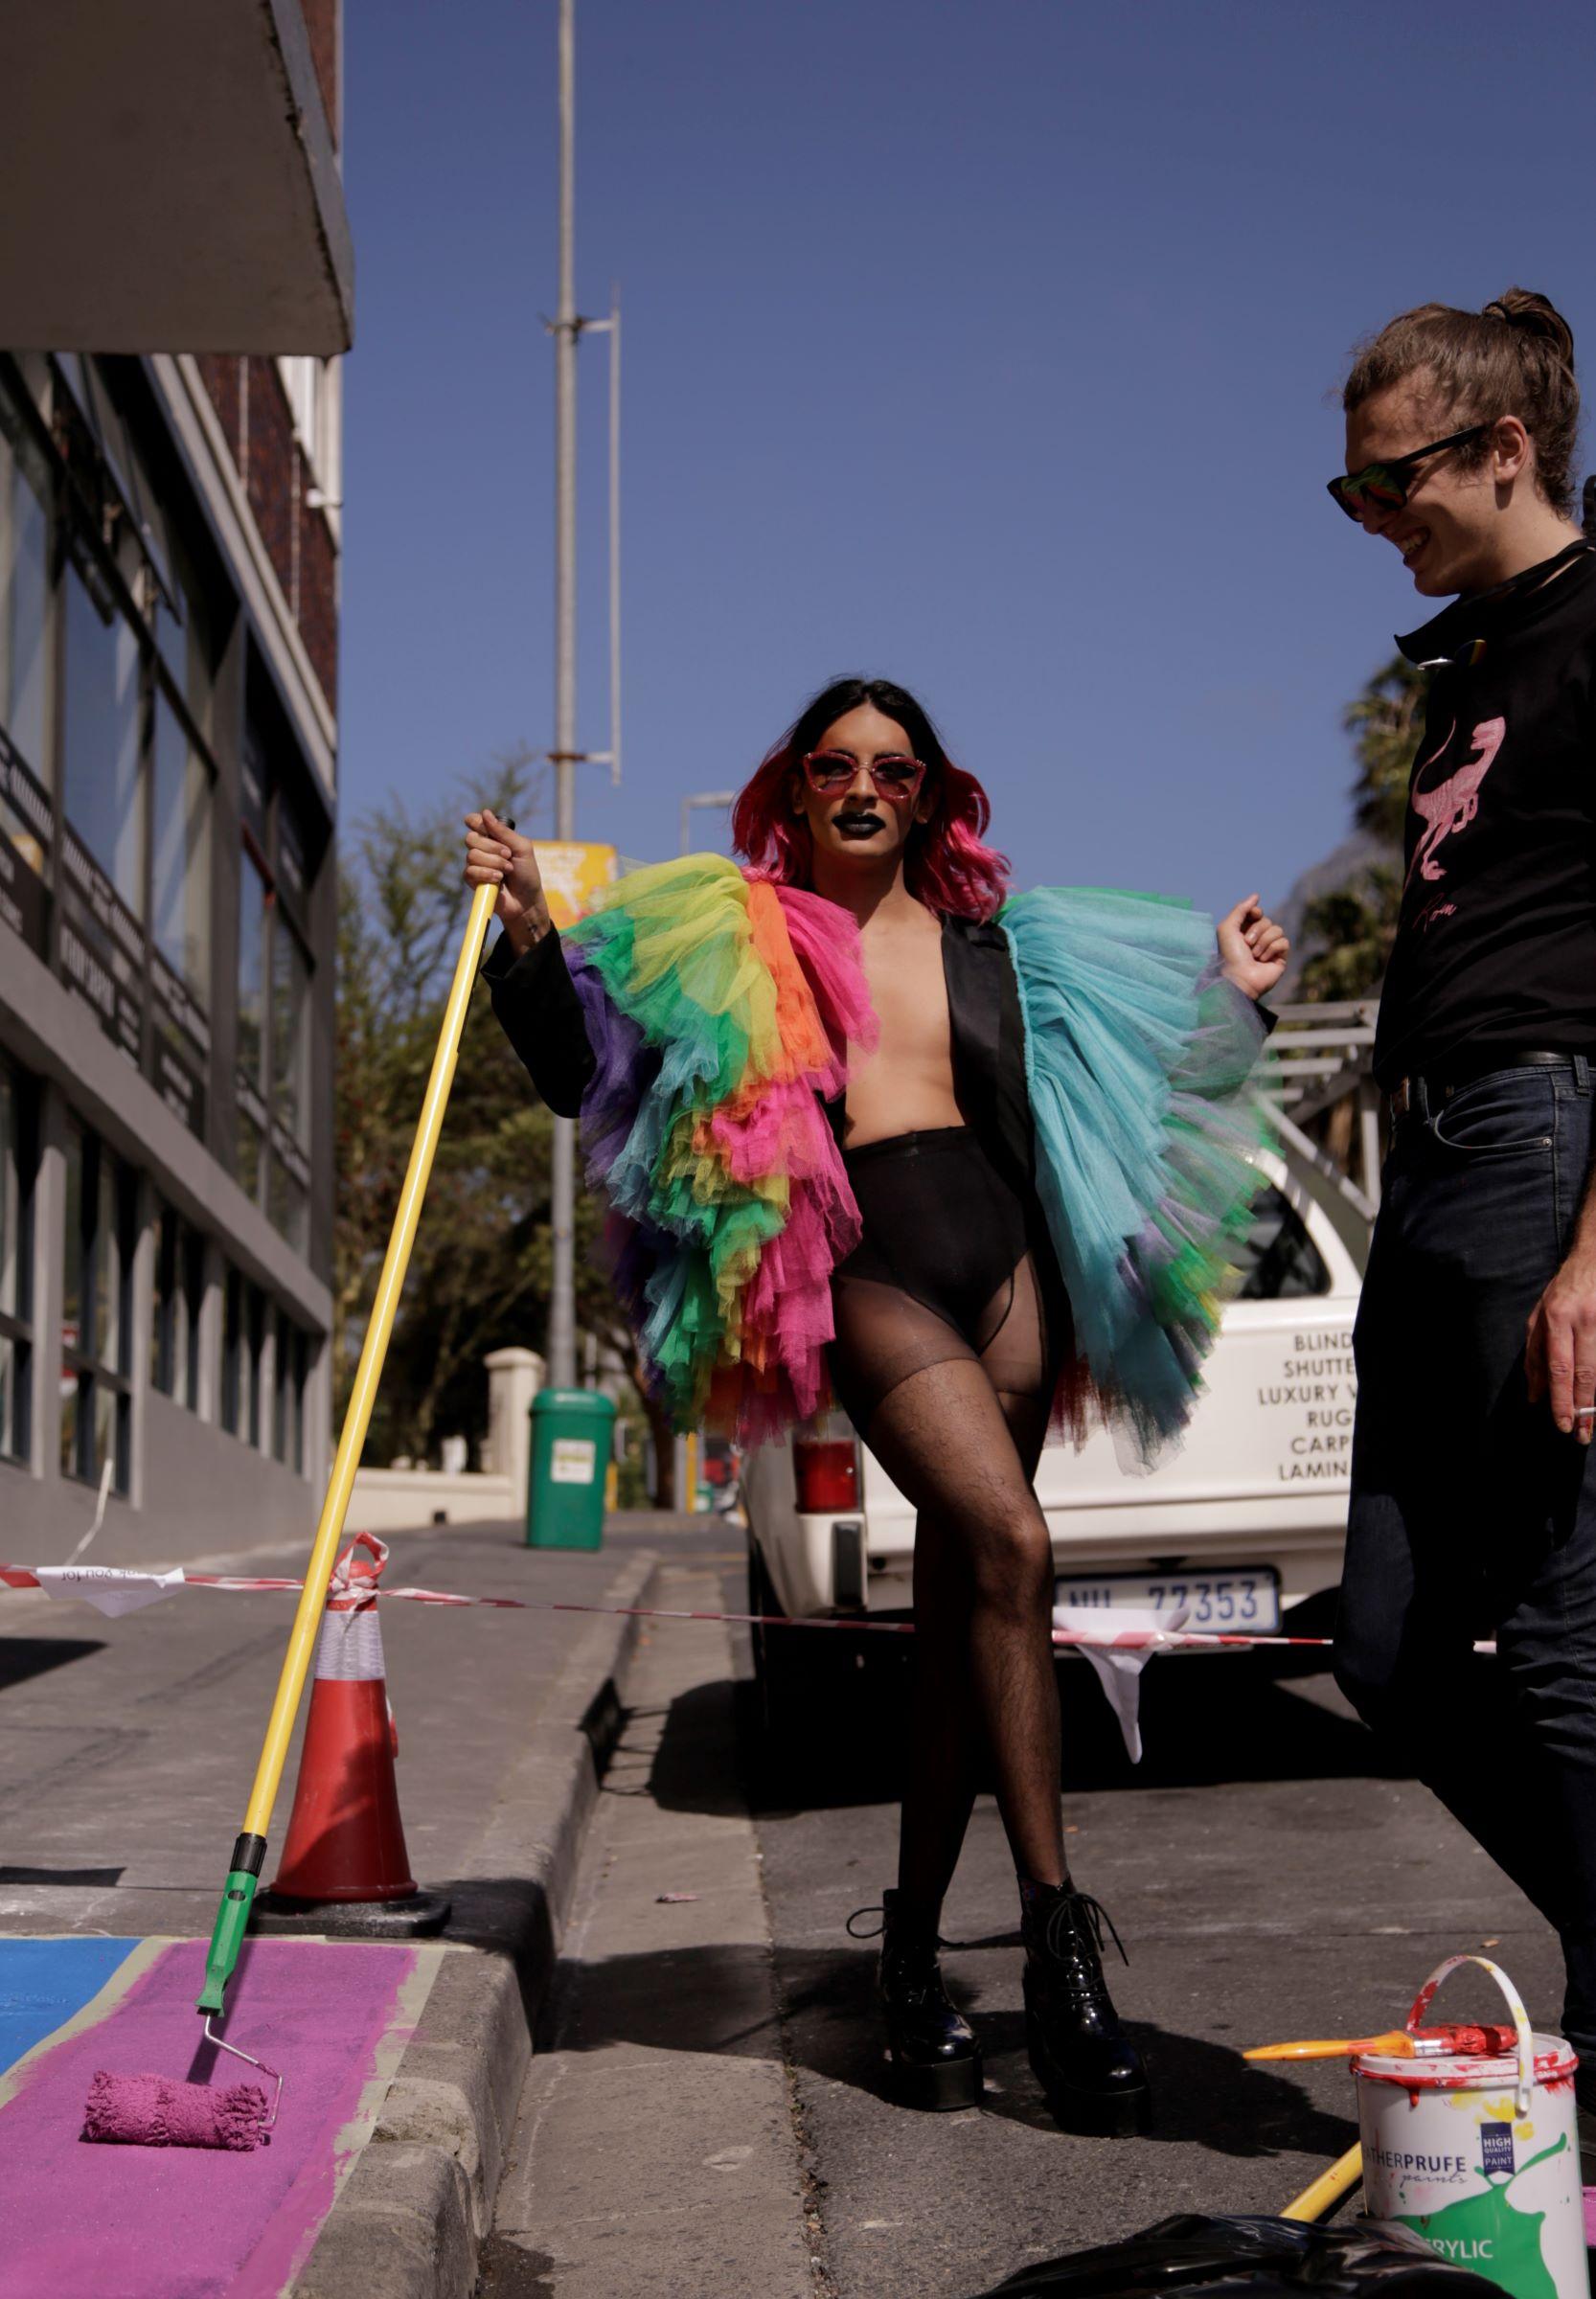 pridewalk painting tazme